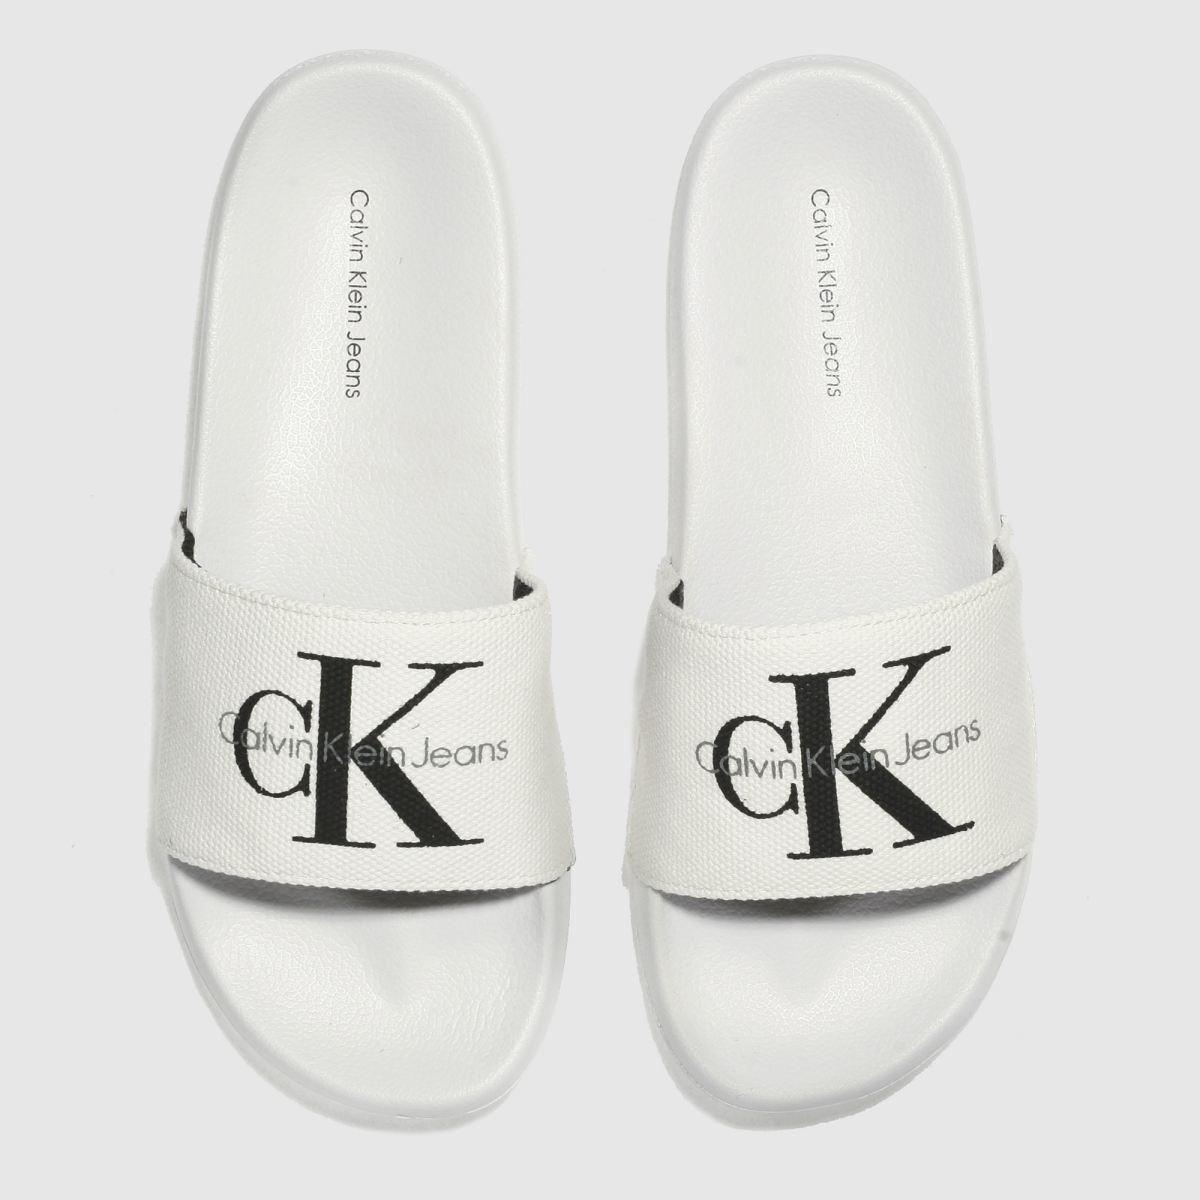 67c08e8a52e2b4 Calvin Klein White   Black Jeans Chantal Heavy Canvas Sandals ...